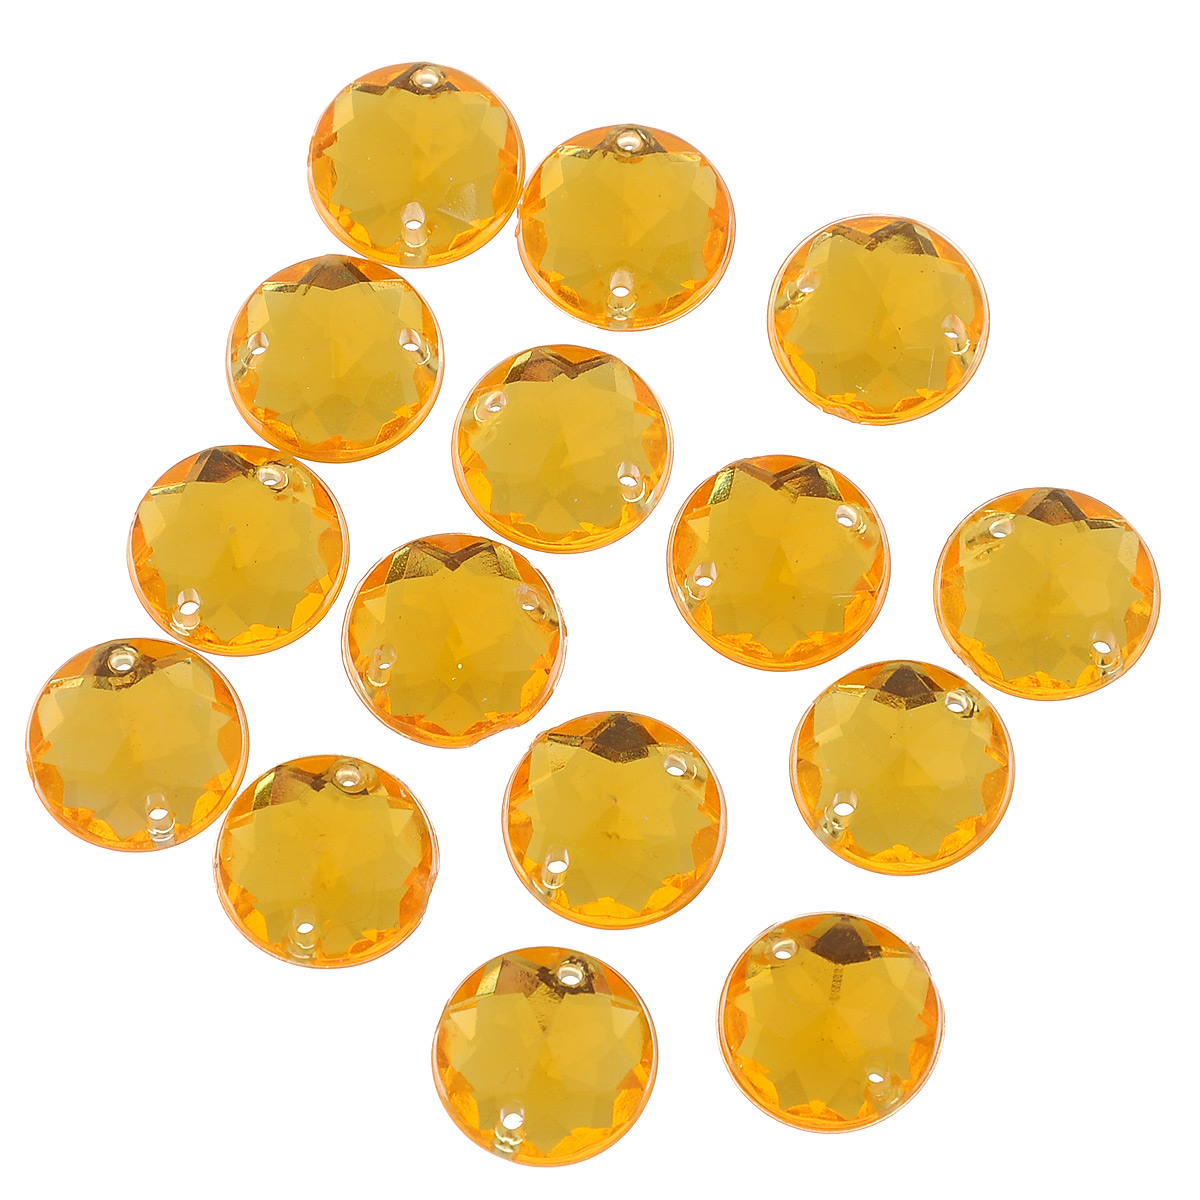 Стразы пришивные Астра, цвет: оранжевый (11), диаметр 11 мм, 15 шт. 7701645_117701645_11Набор страз Астра, изготовленный из акрила, позволит вам украсить одежду и аксессуары. Стразы оригинального и яркого дизайна круглой формы оснащены отверстиями для пришивания.Украшение стразами поможет сделать любую вещь оригинальной и неповторимой.Диаметр: 11 мм.